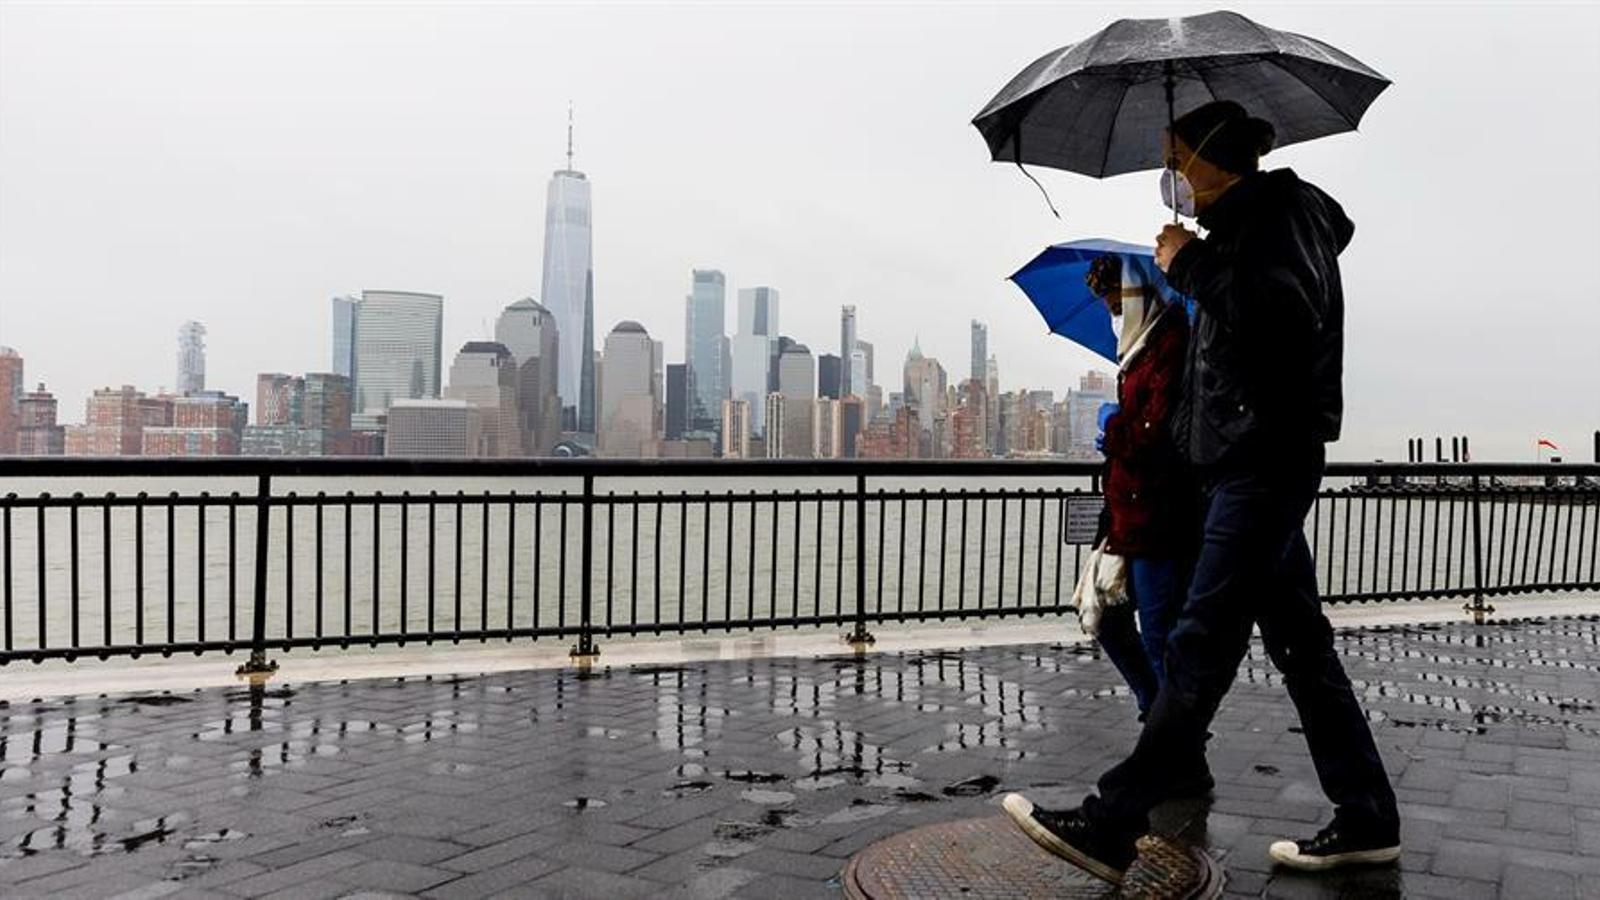 Una parella amb mascareta i paraigua caminant per un passeig amb Manhattan al davant